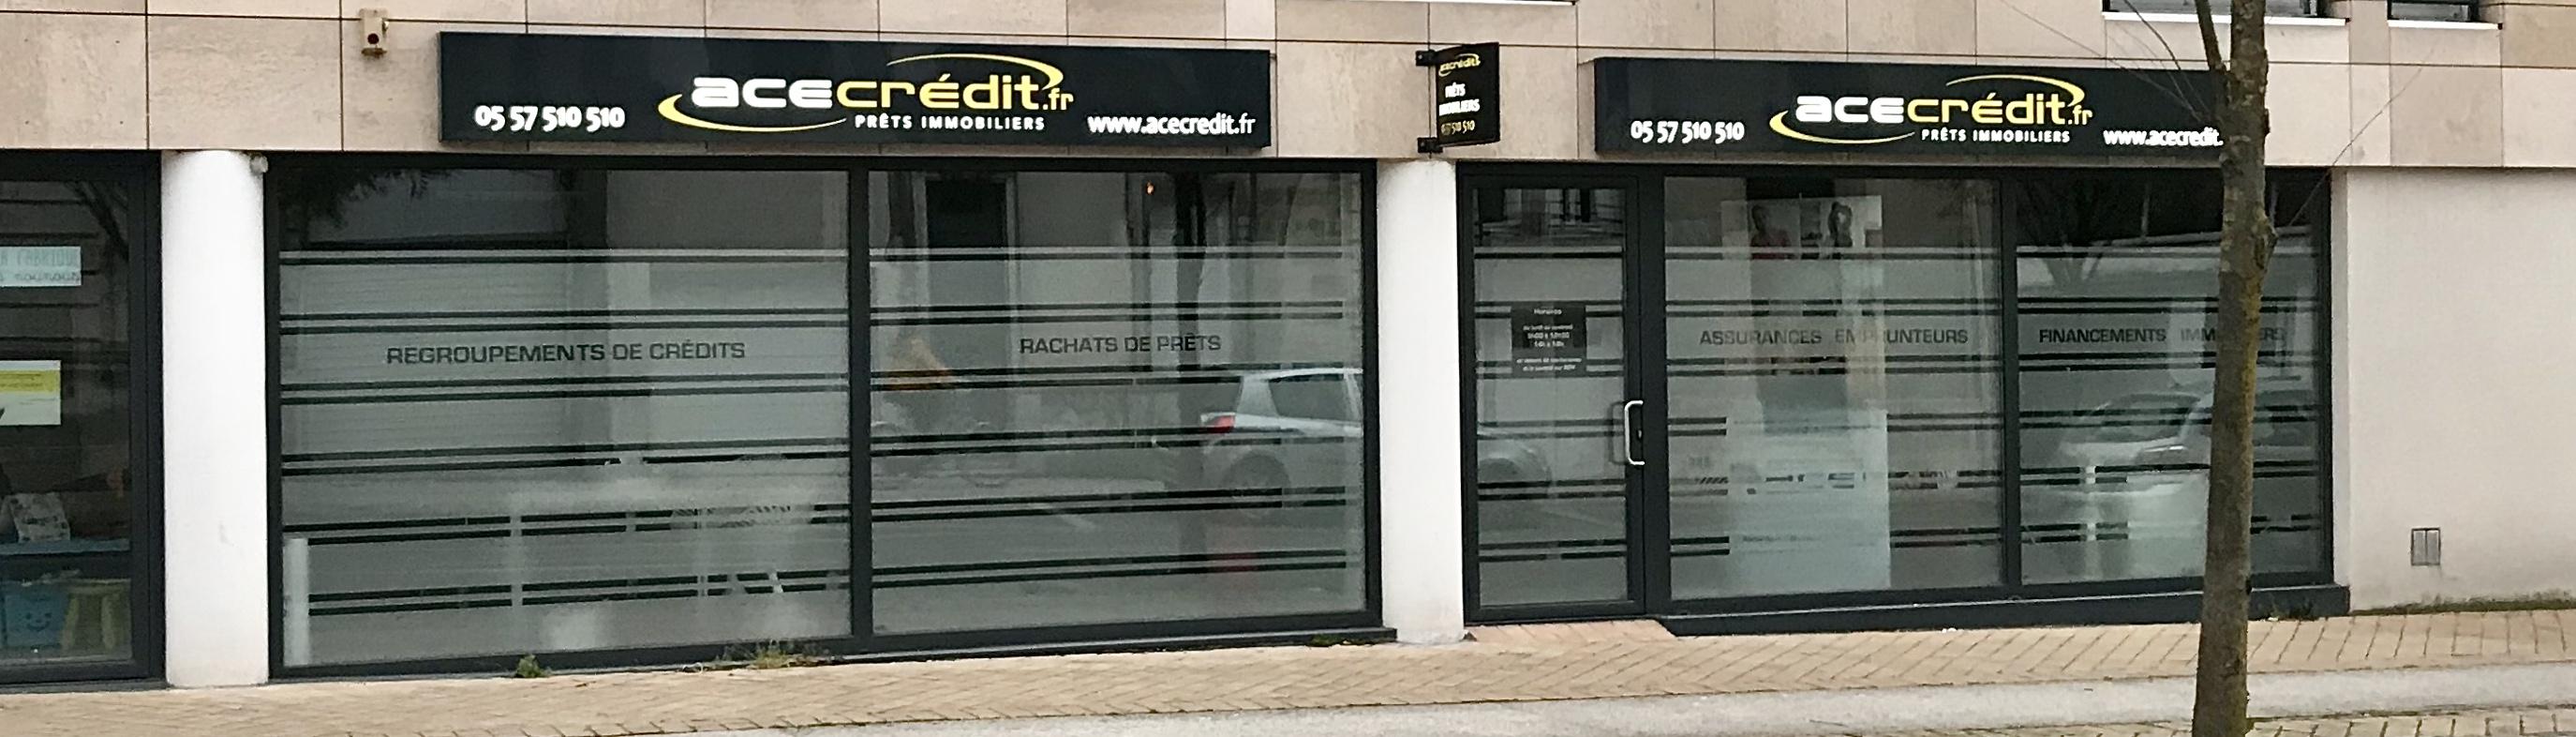 Ace Crédit - Courtier en prêt immobilier à Bordeaux Ouest